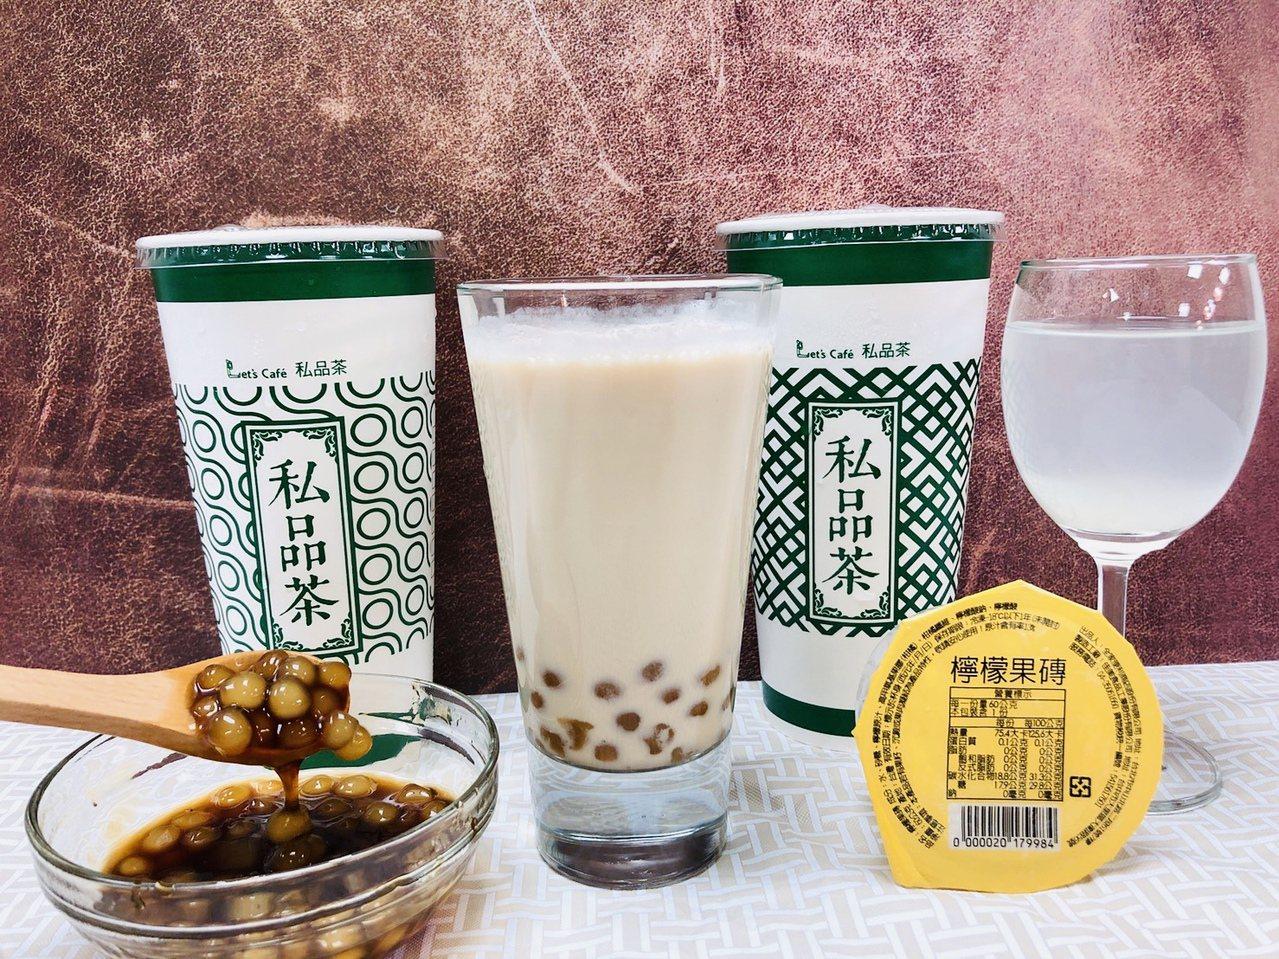 全家便利商店Let's Café再推第4波嚴選好茶「焦糖珍珠Q奶」、「夏日檸檬飲...